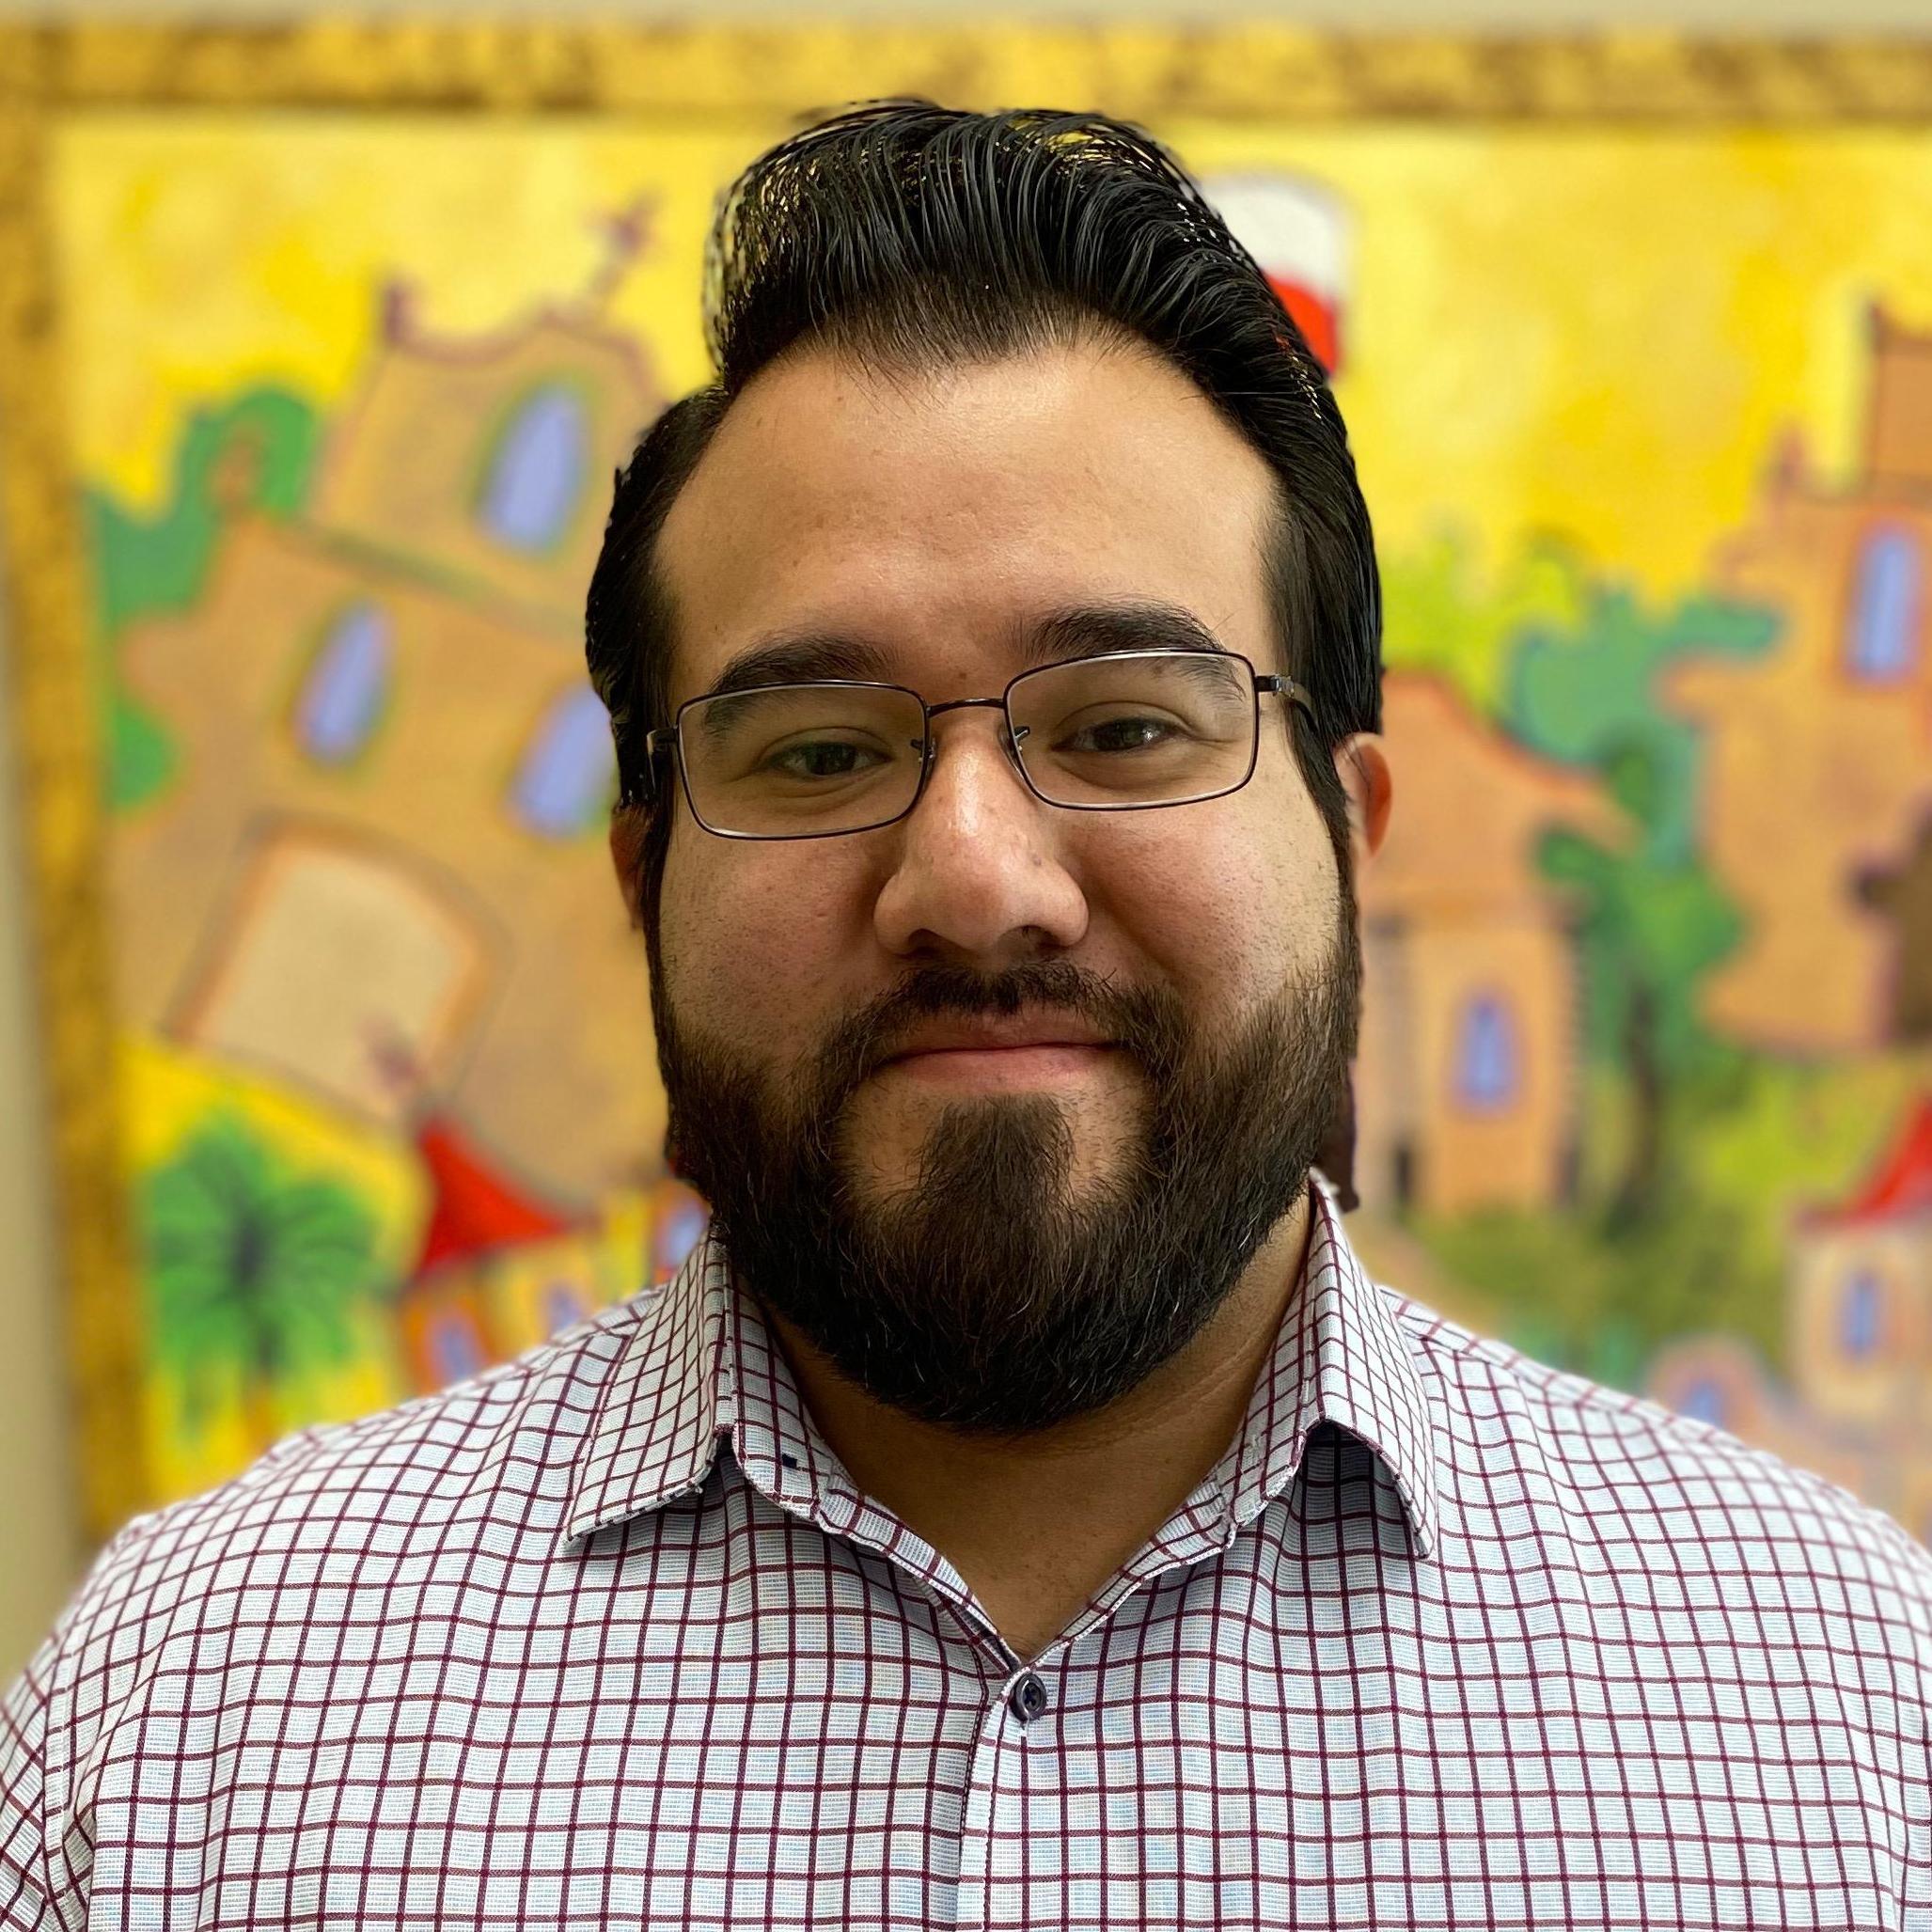 Nicholas Lopez's Profile Photo